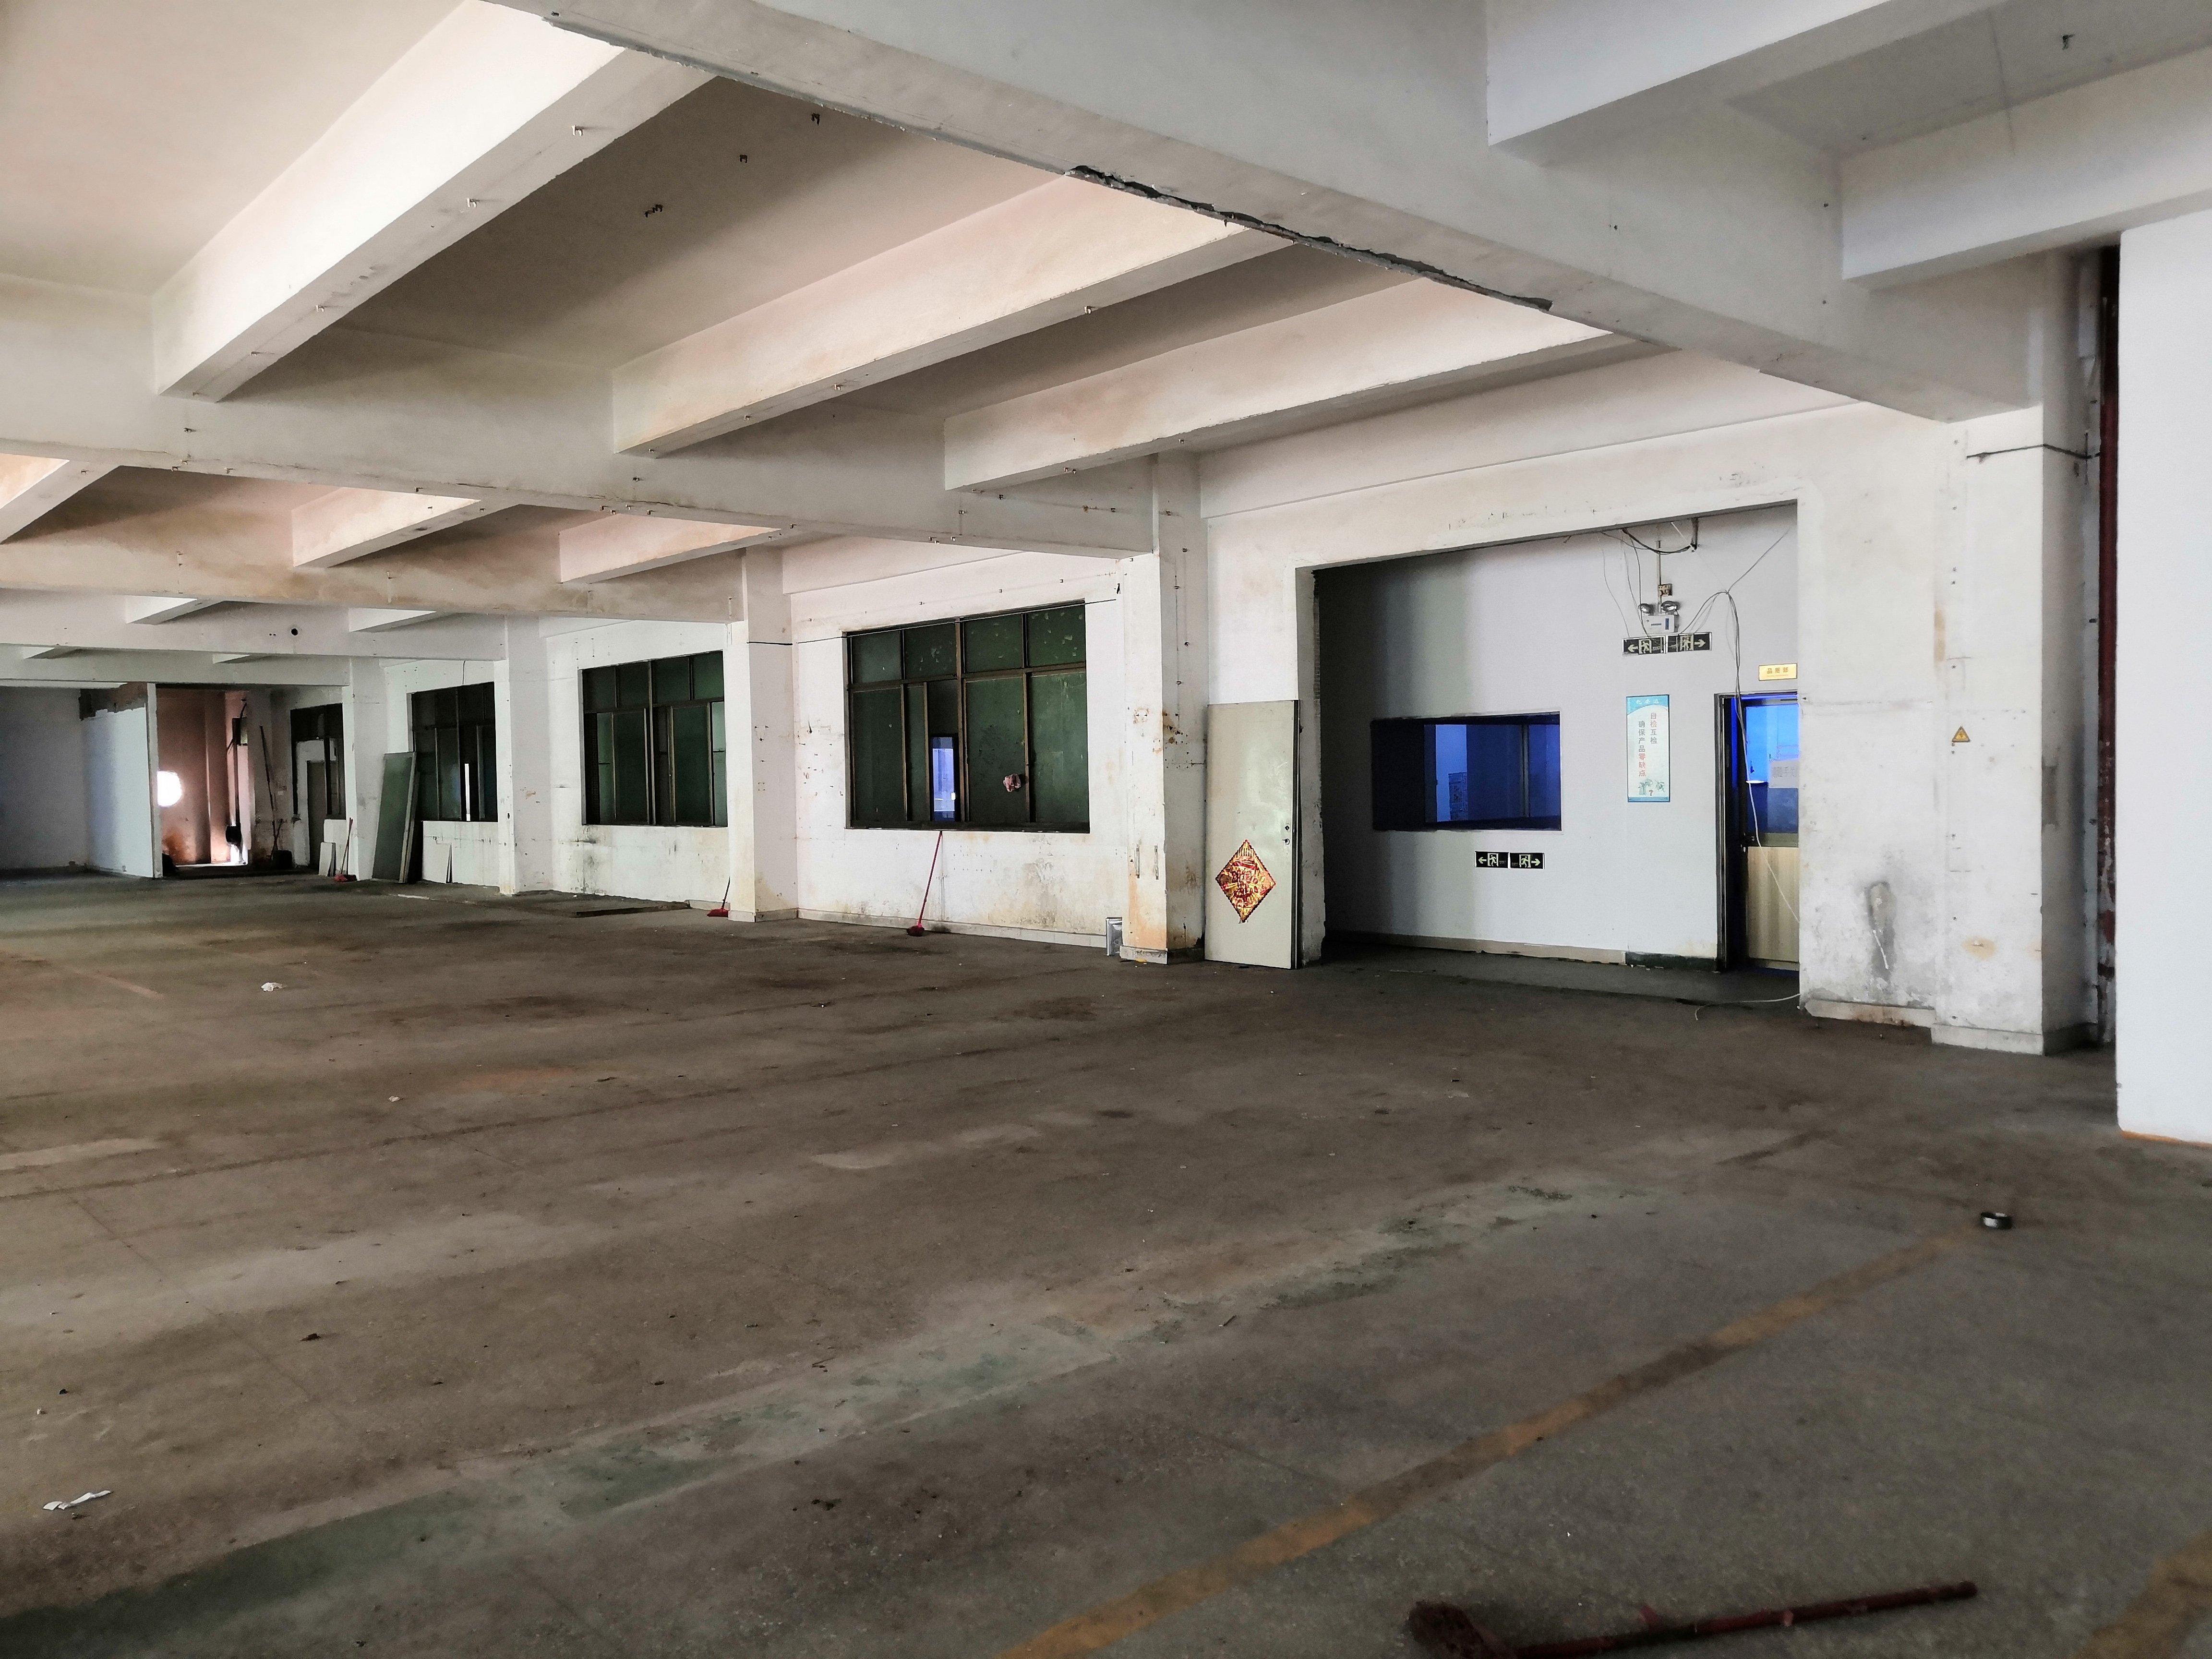 大浪同富邨工业区三楼1500平米厂房出租仓库招租,200分租